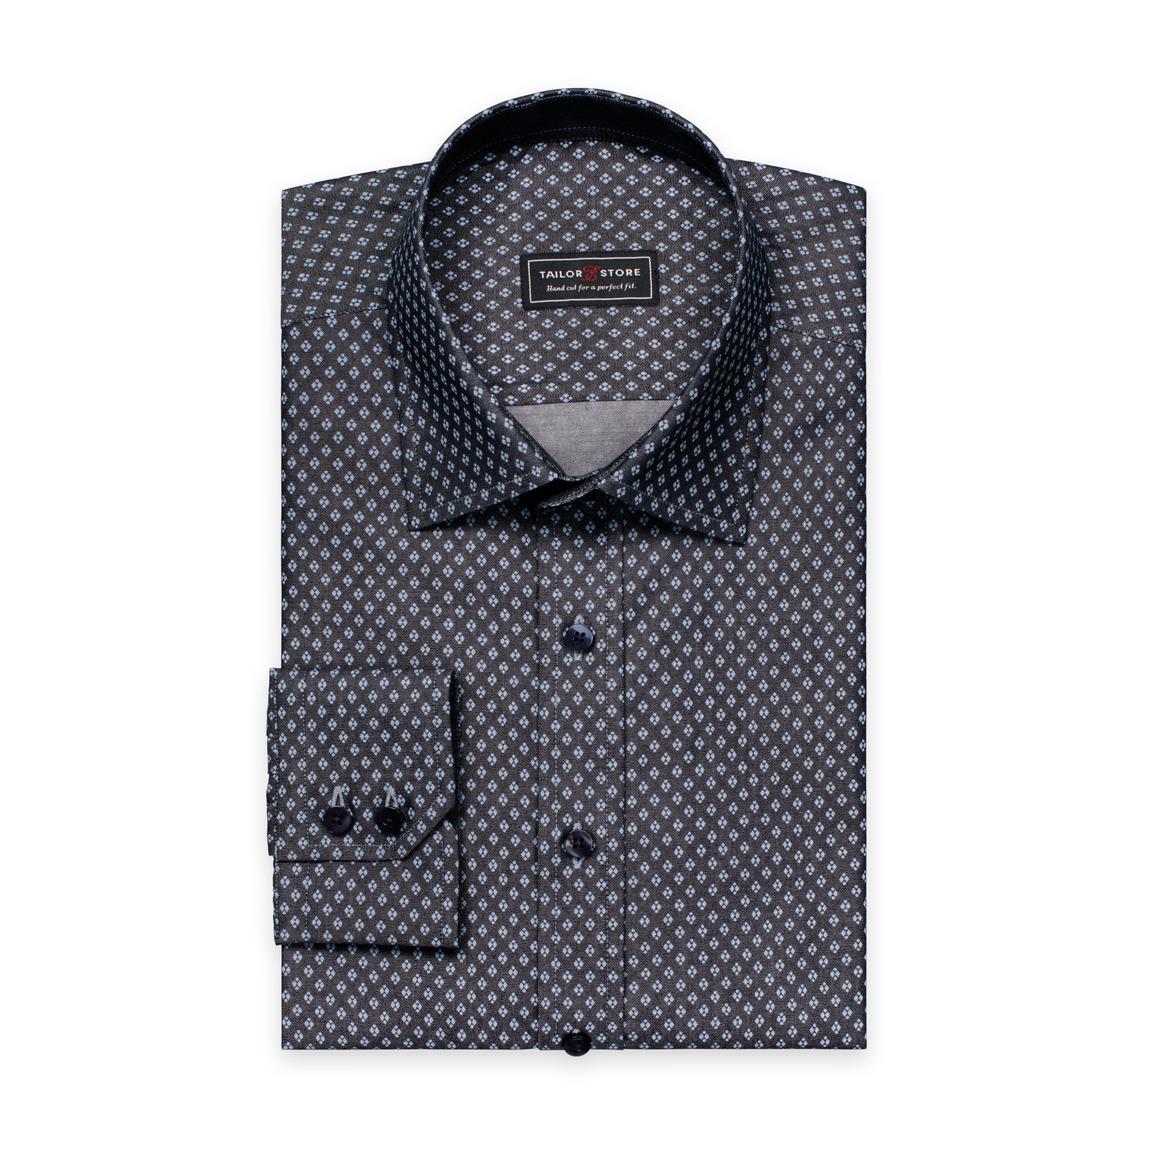 Svart/Ljusblåmönstrad skjorta